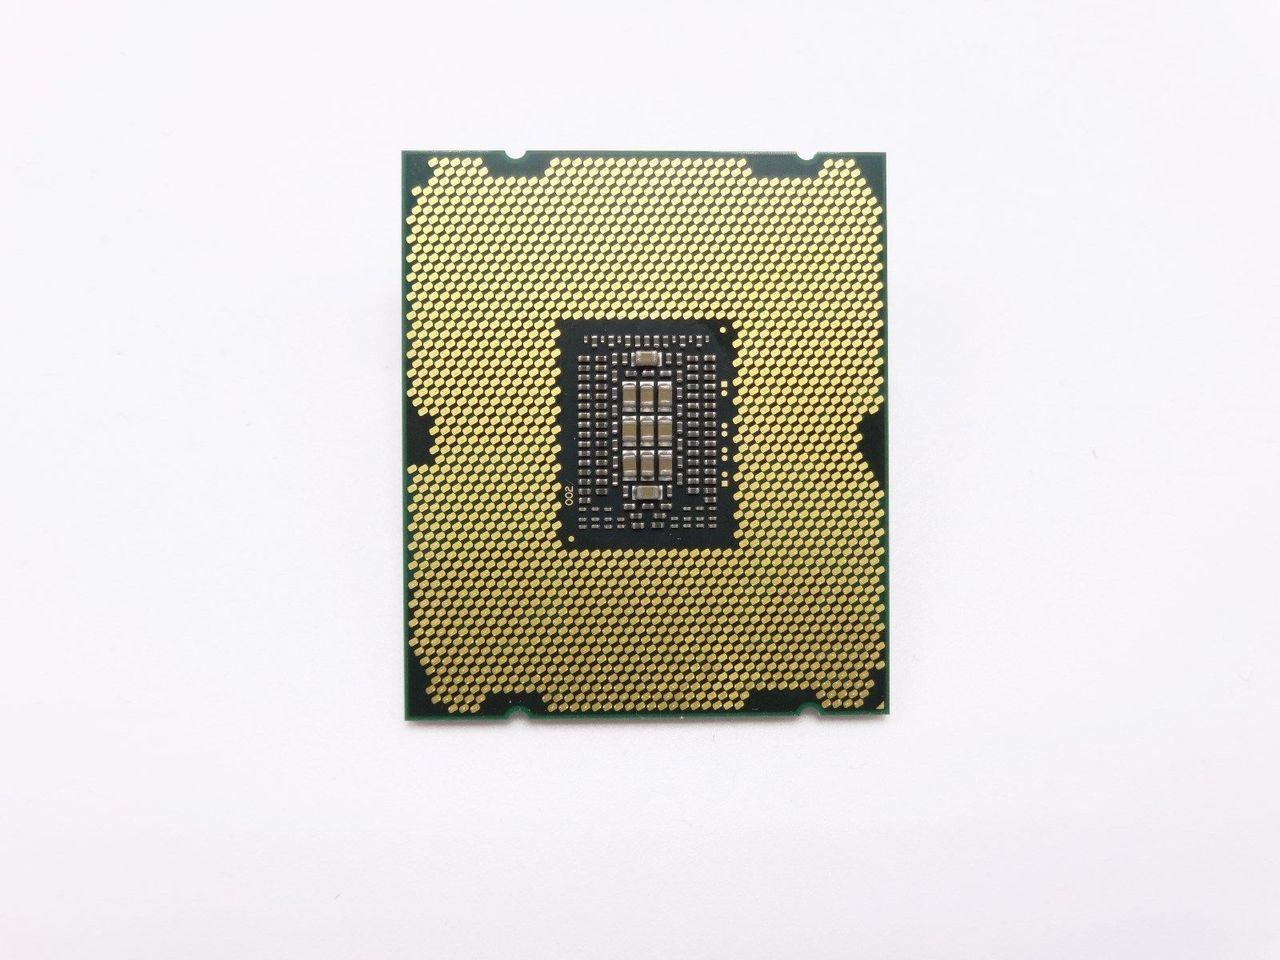 Intel Xeon SR0L0 E5-2690 2.9GHz 8-Core processor